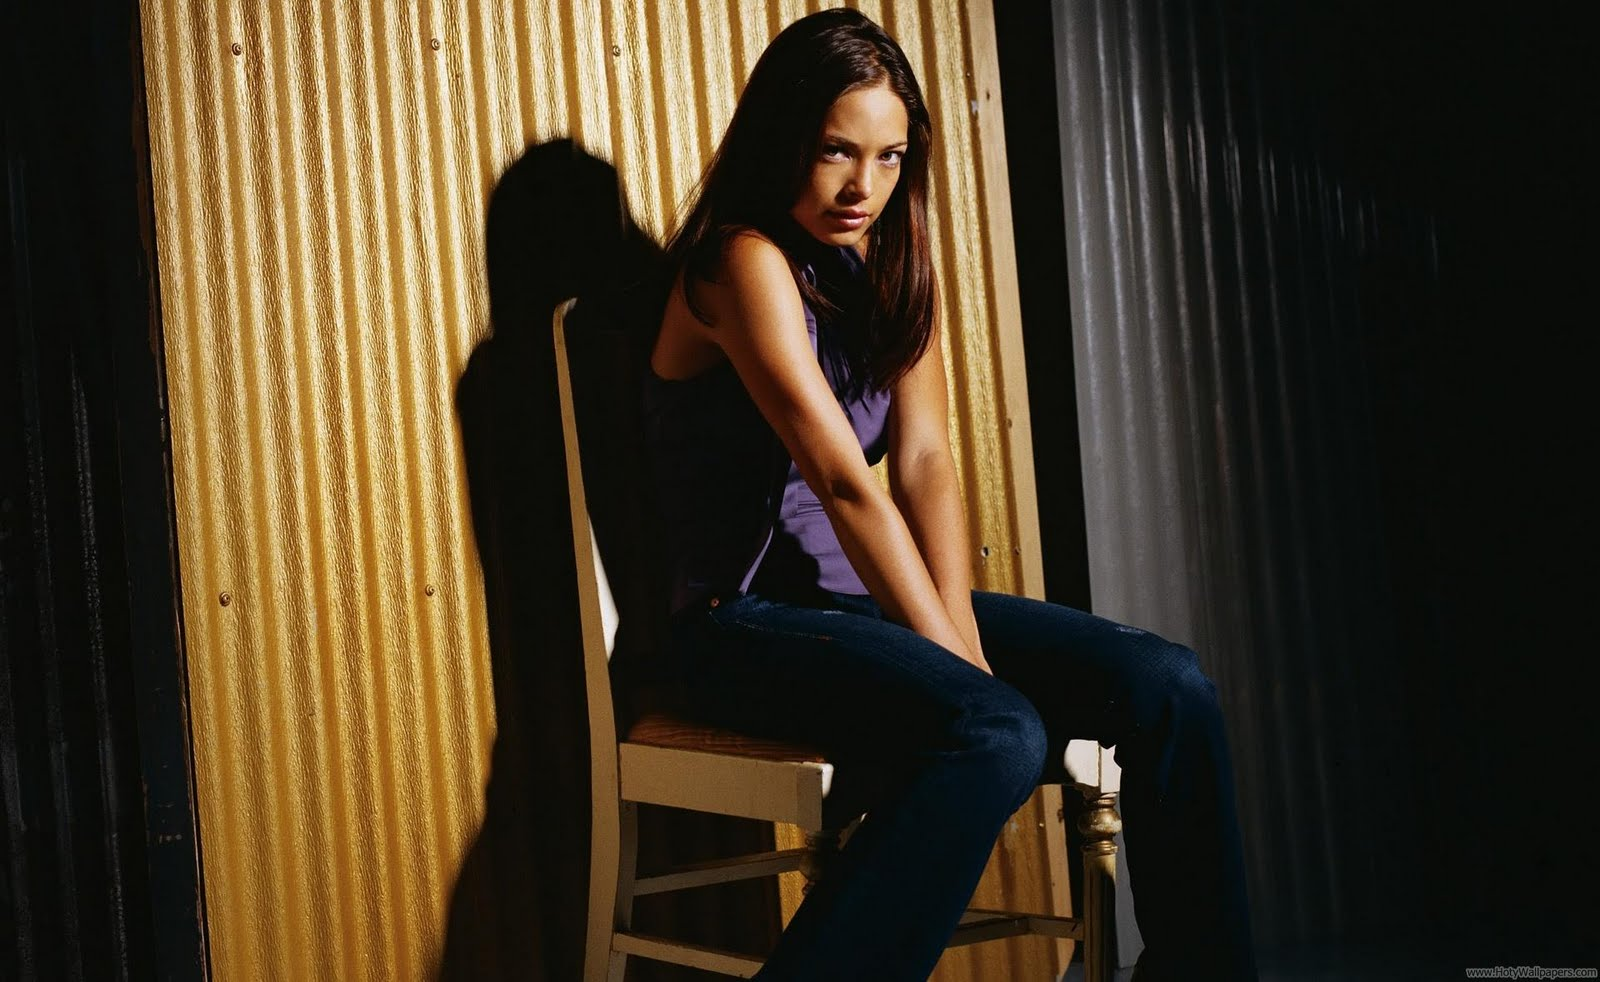 http://4.bp.blogspot.com/-p7wBR2_6ST0/Ts5Z0tMFT5I/AAAAAAAAKzs/QeKXtQp5ImQ/s1600/hollywood_actress_kristin_kreuk_wallpaper.jpg